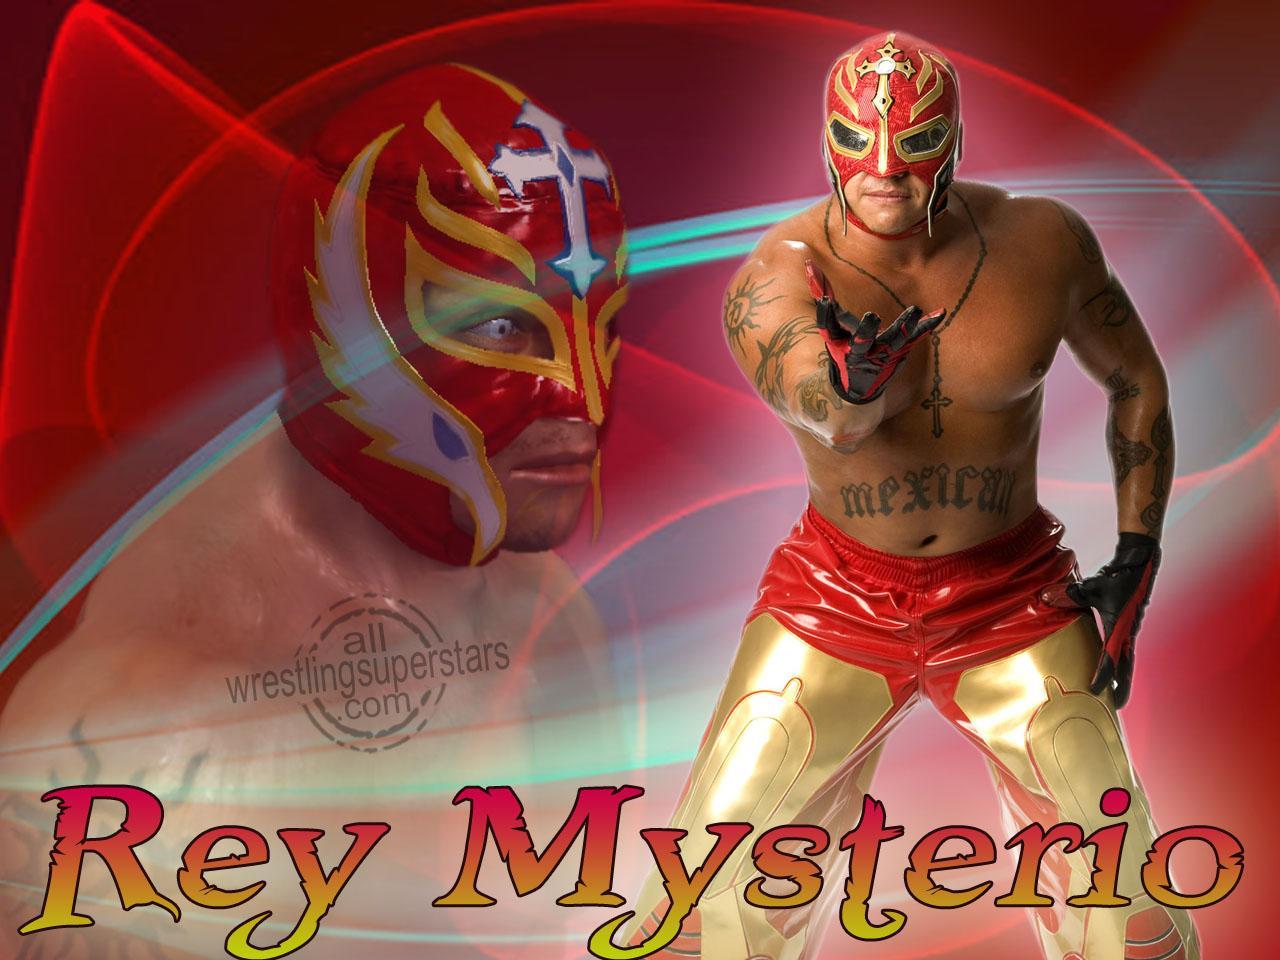 http://2.bp.blogspot.com/-7PEKrV34Flo/Tx-aWSm01II/AAAAAAAAKMY/o3lBwM-j7X0/s1600/wwe-wallpapers-rey-mysterio-9.jpg